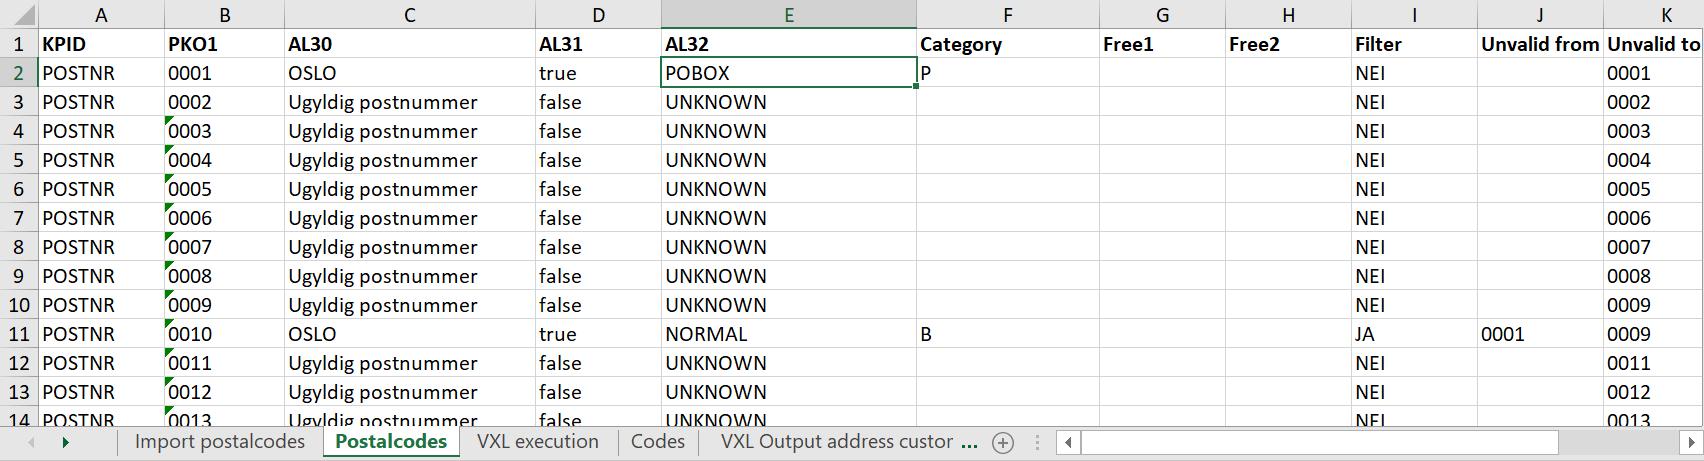 Excel sheet - M3